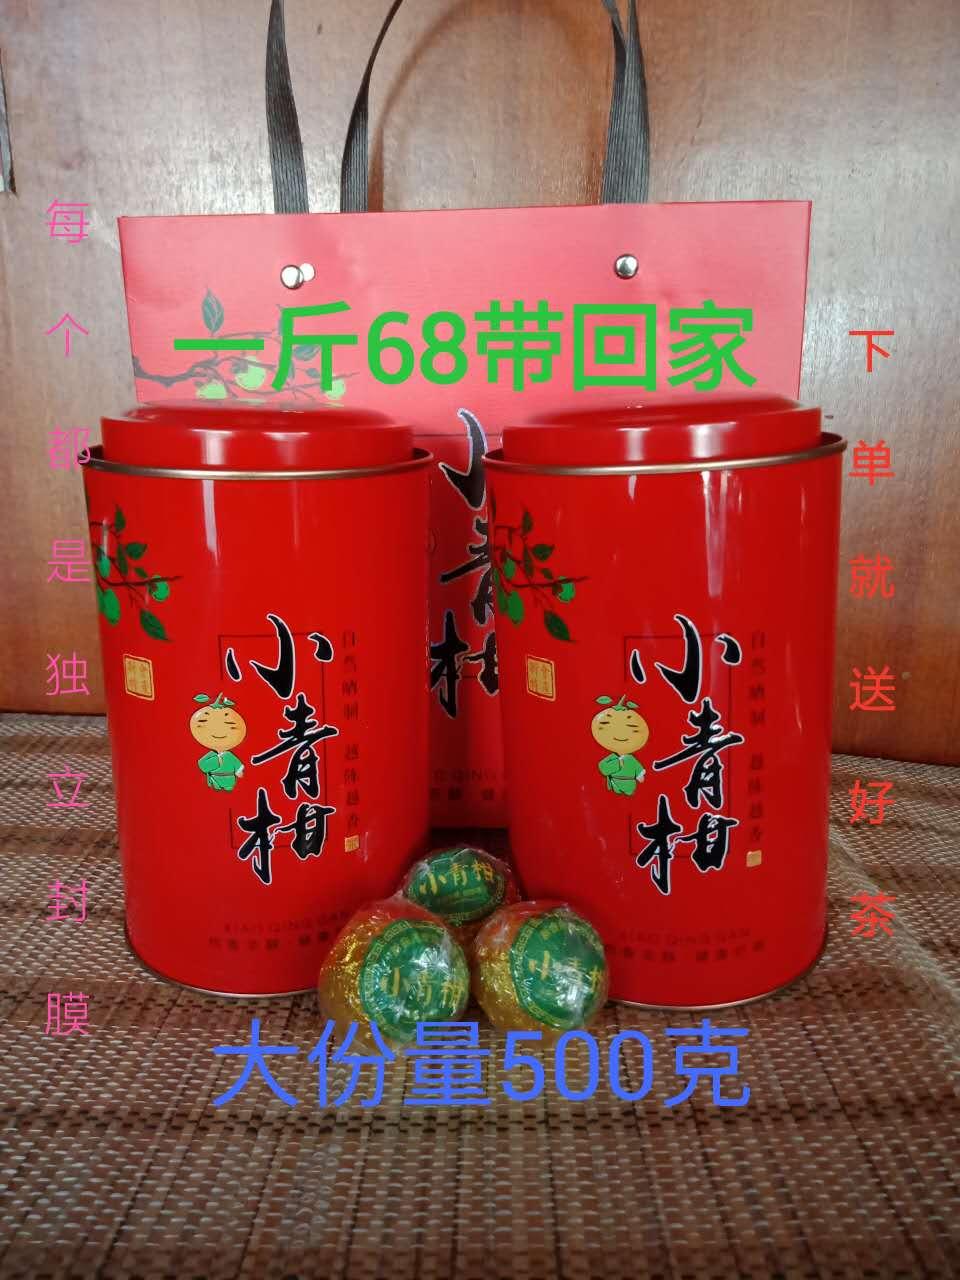 新会柑普茶小青柑罐装熟茶橘普茶十年宫廷陈皮云南普洱橘普茶500g